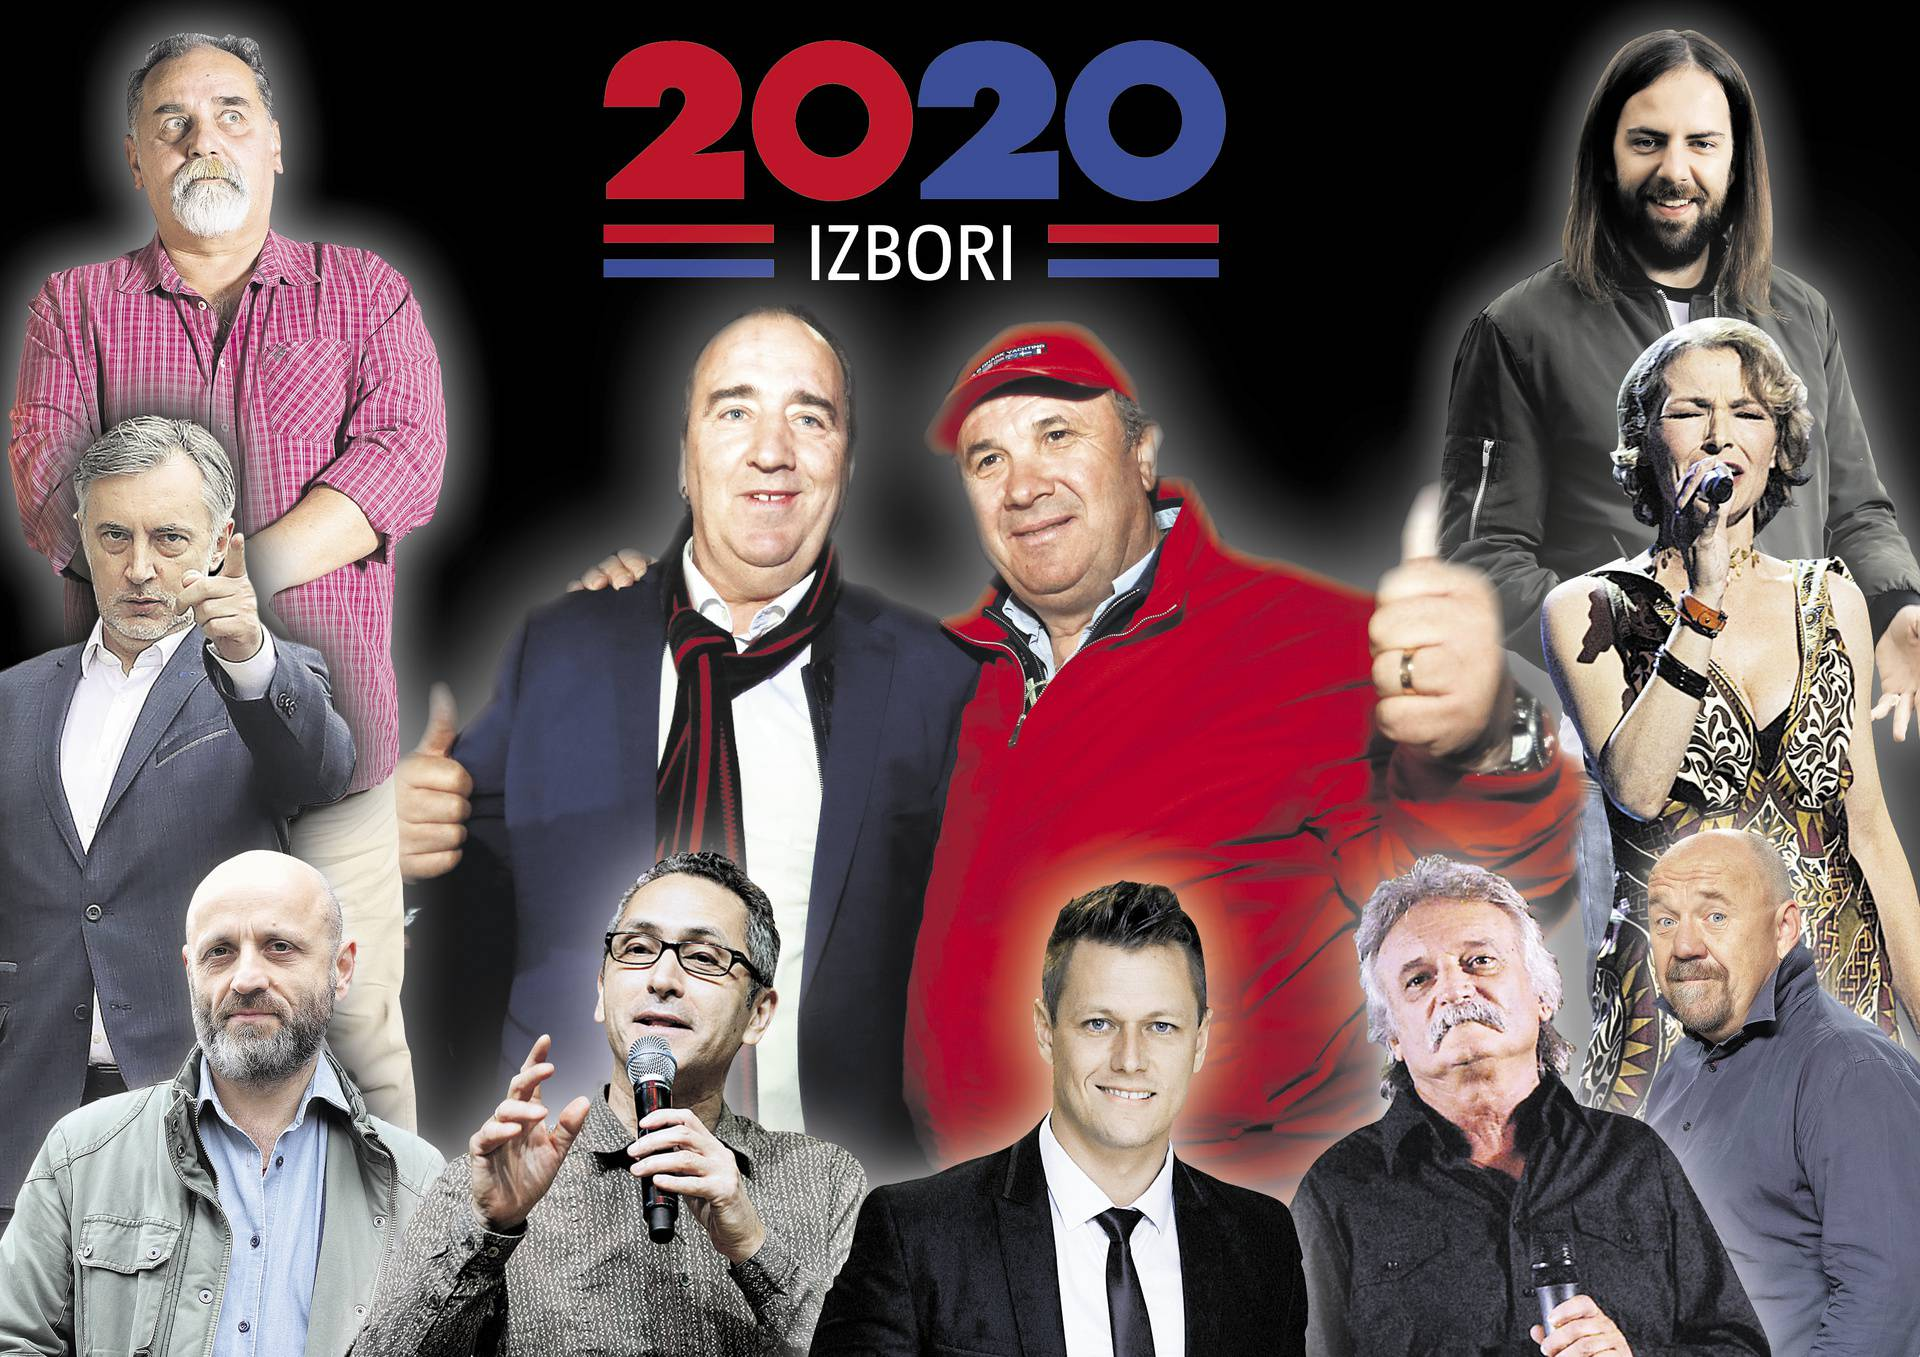 Kerum i Grdović otkrili izborni program: 'Htio sam i Mišu, ali nije najbolje. Sve za Dalmaciju!'